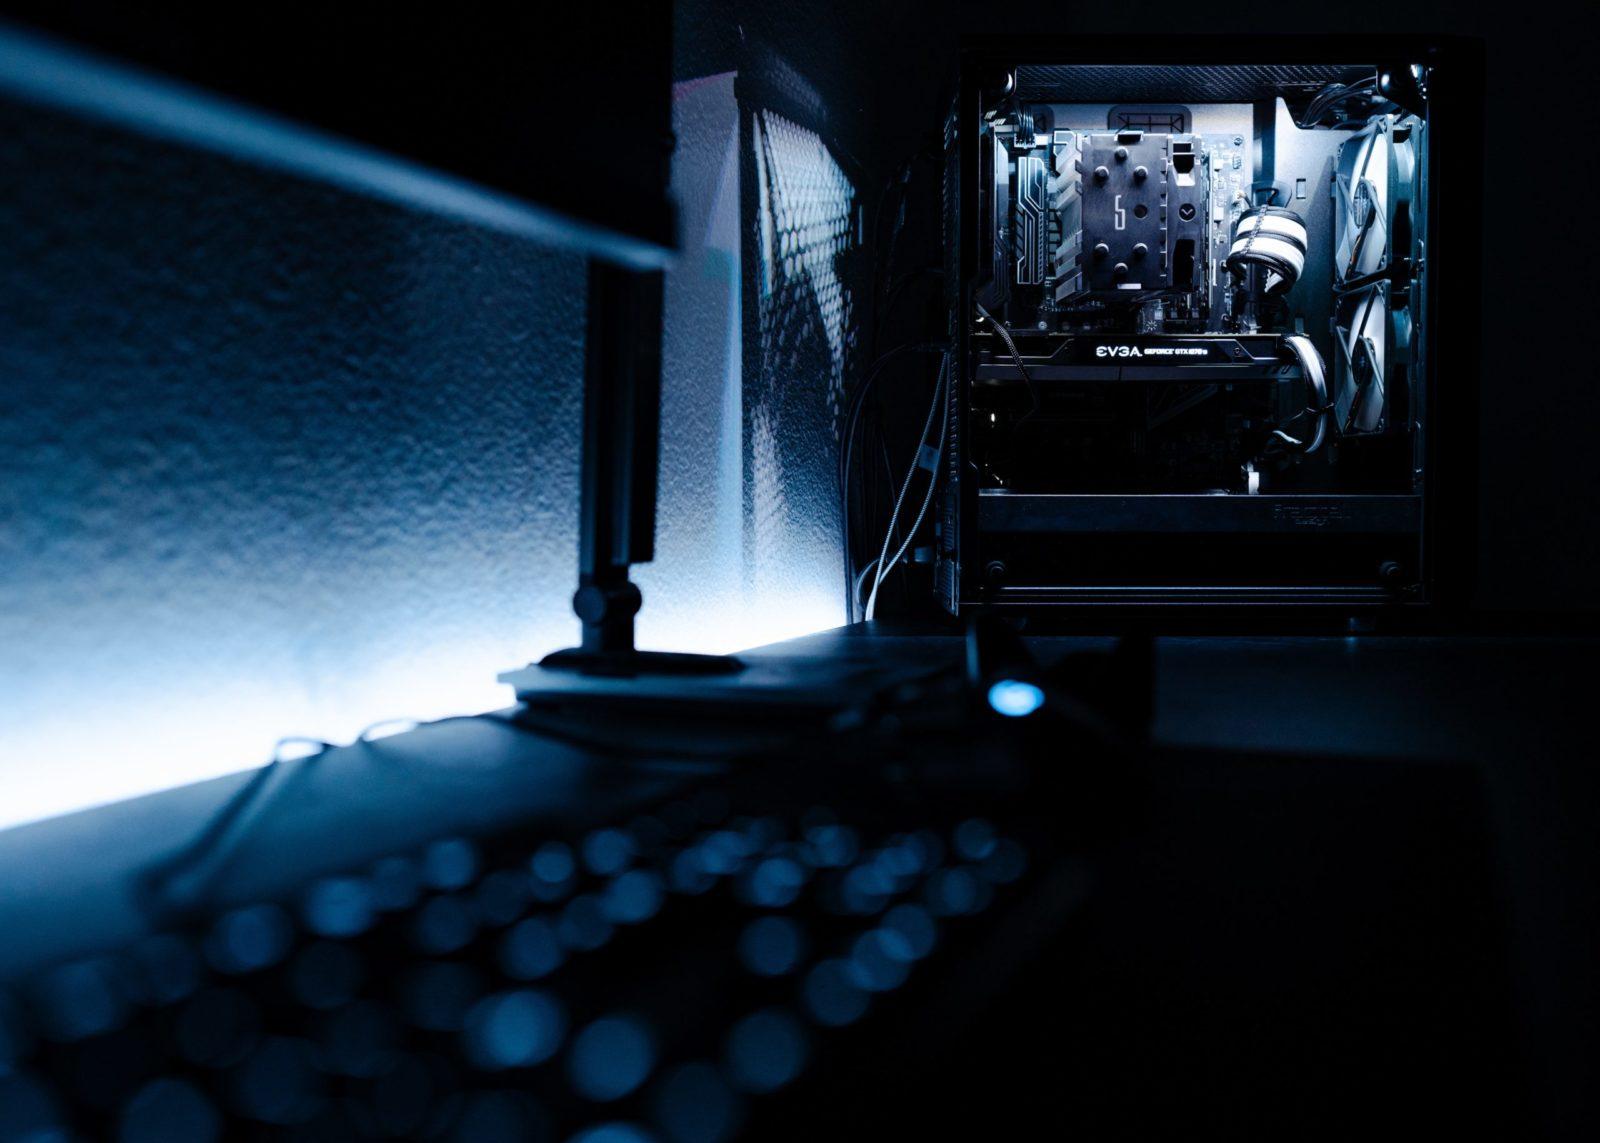 Ein PC-Gehäuse